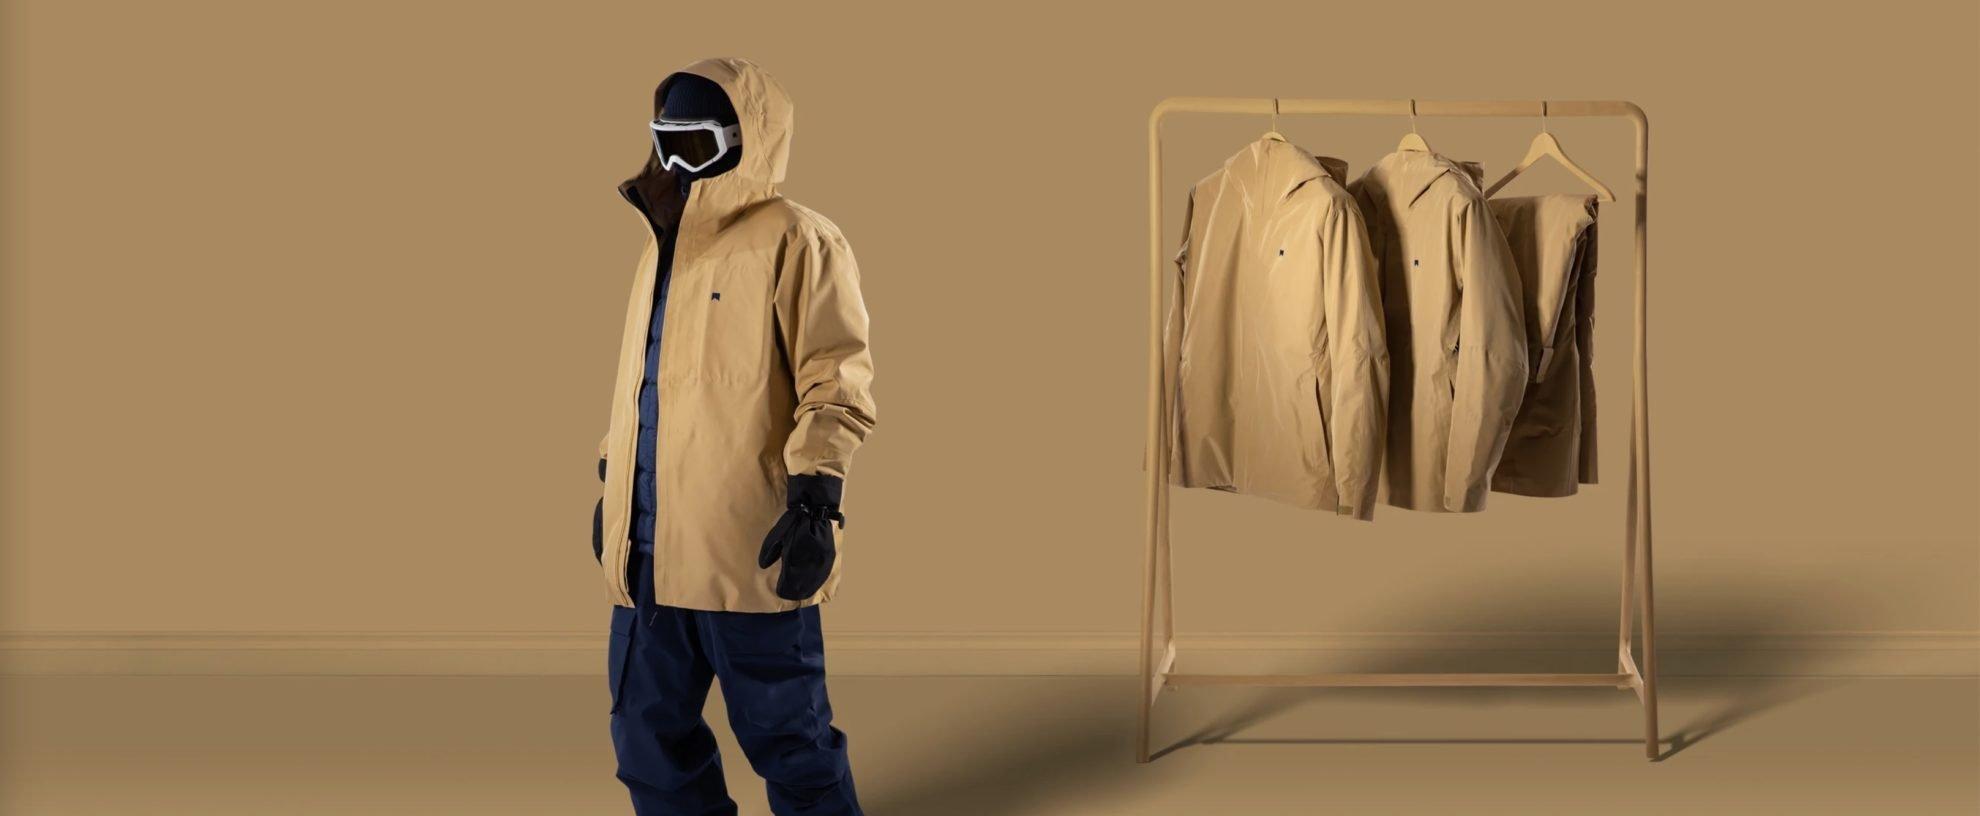 Vêtements de la marque Candide par Candide Thovex. candide.co